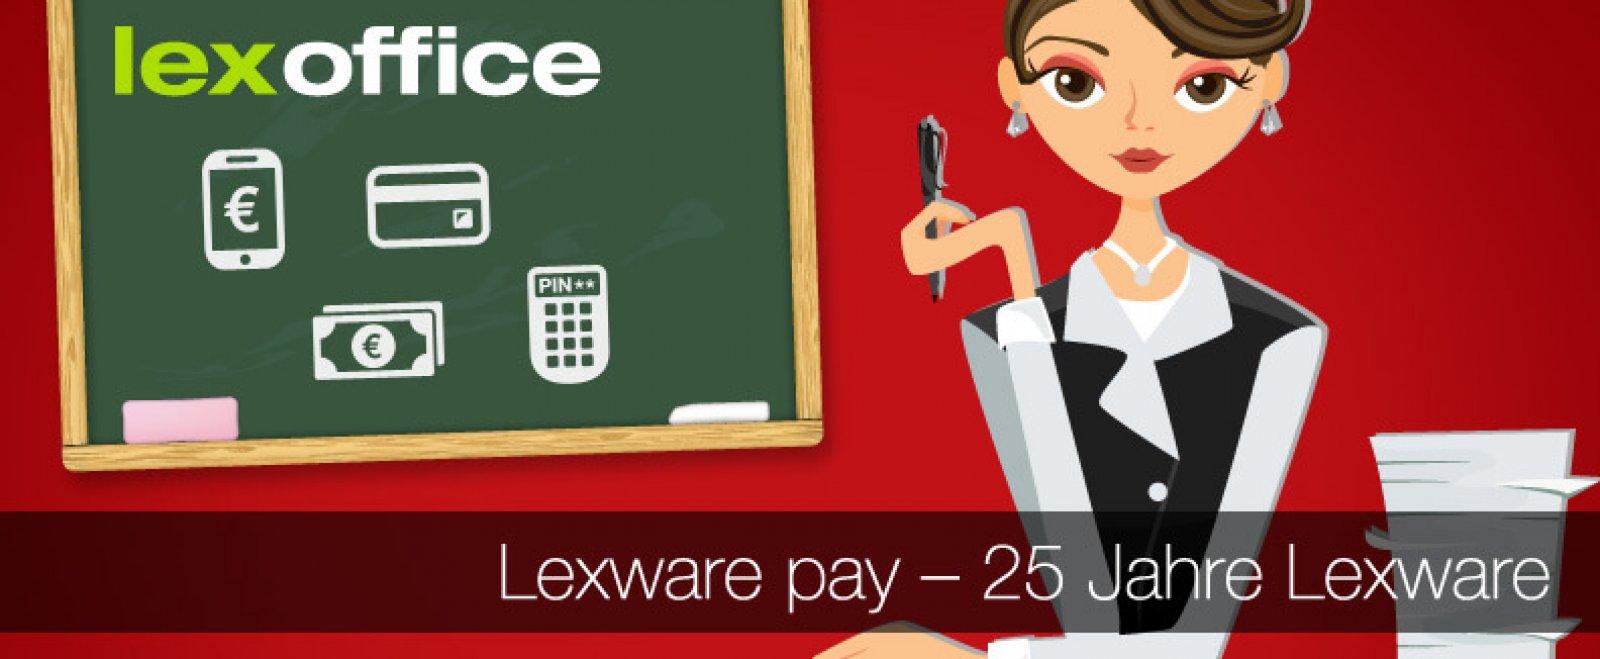 25 Jahre Lexware